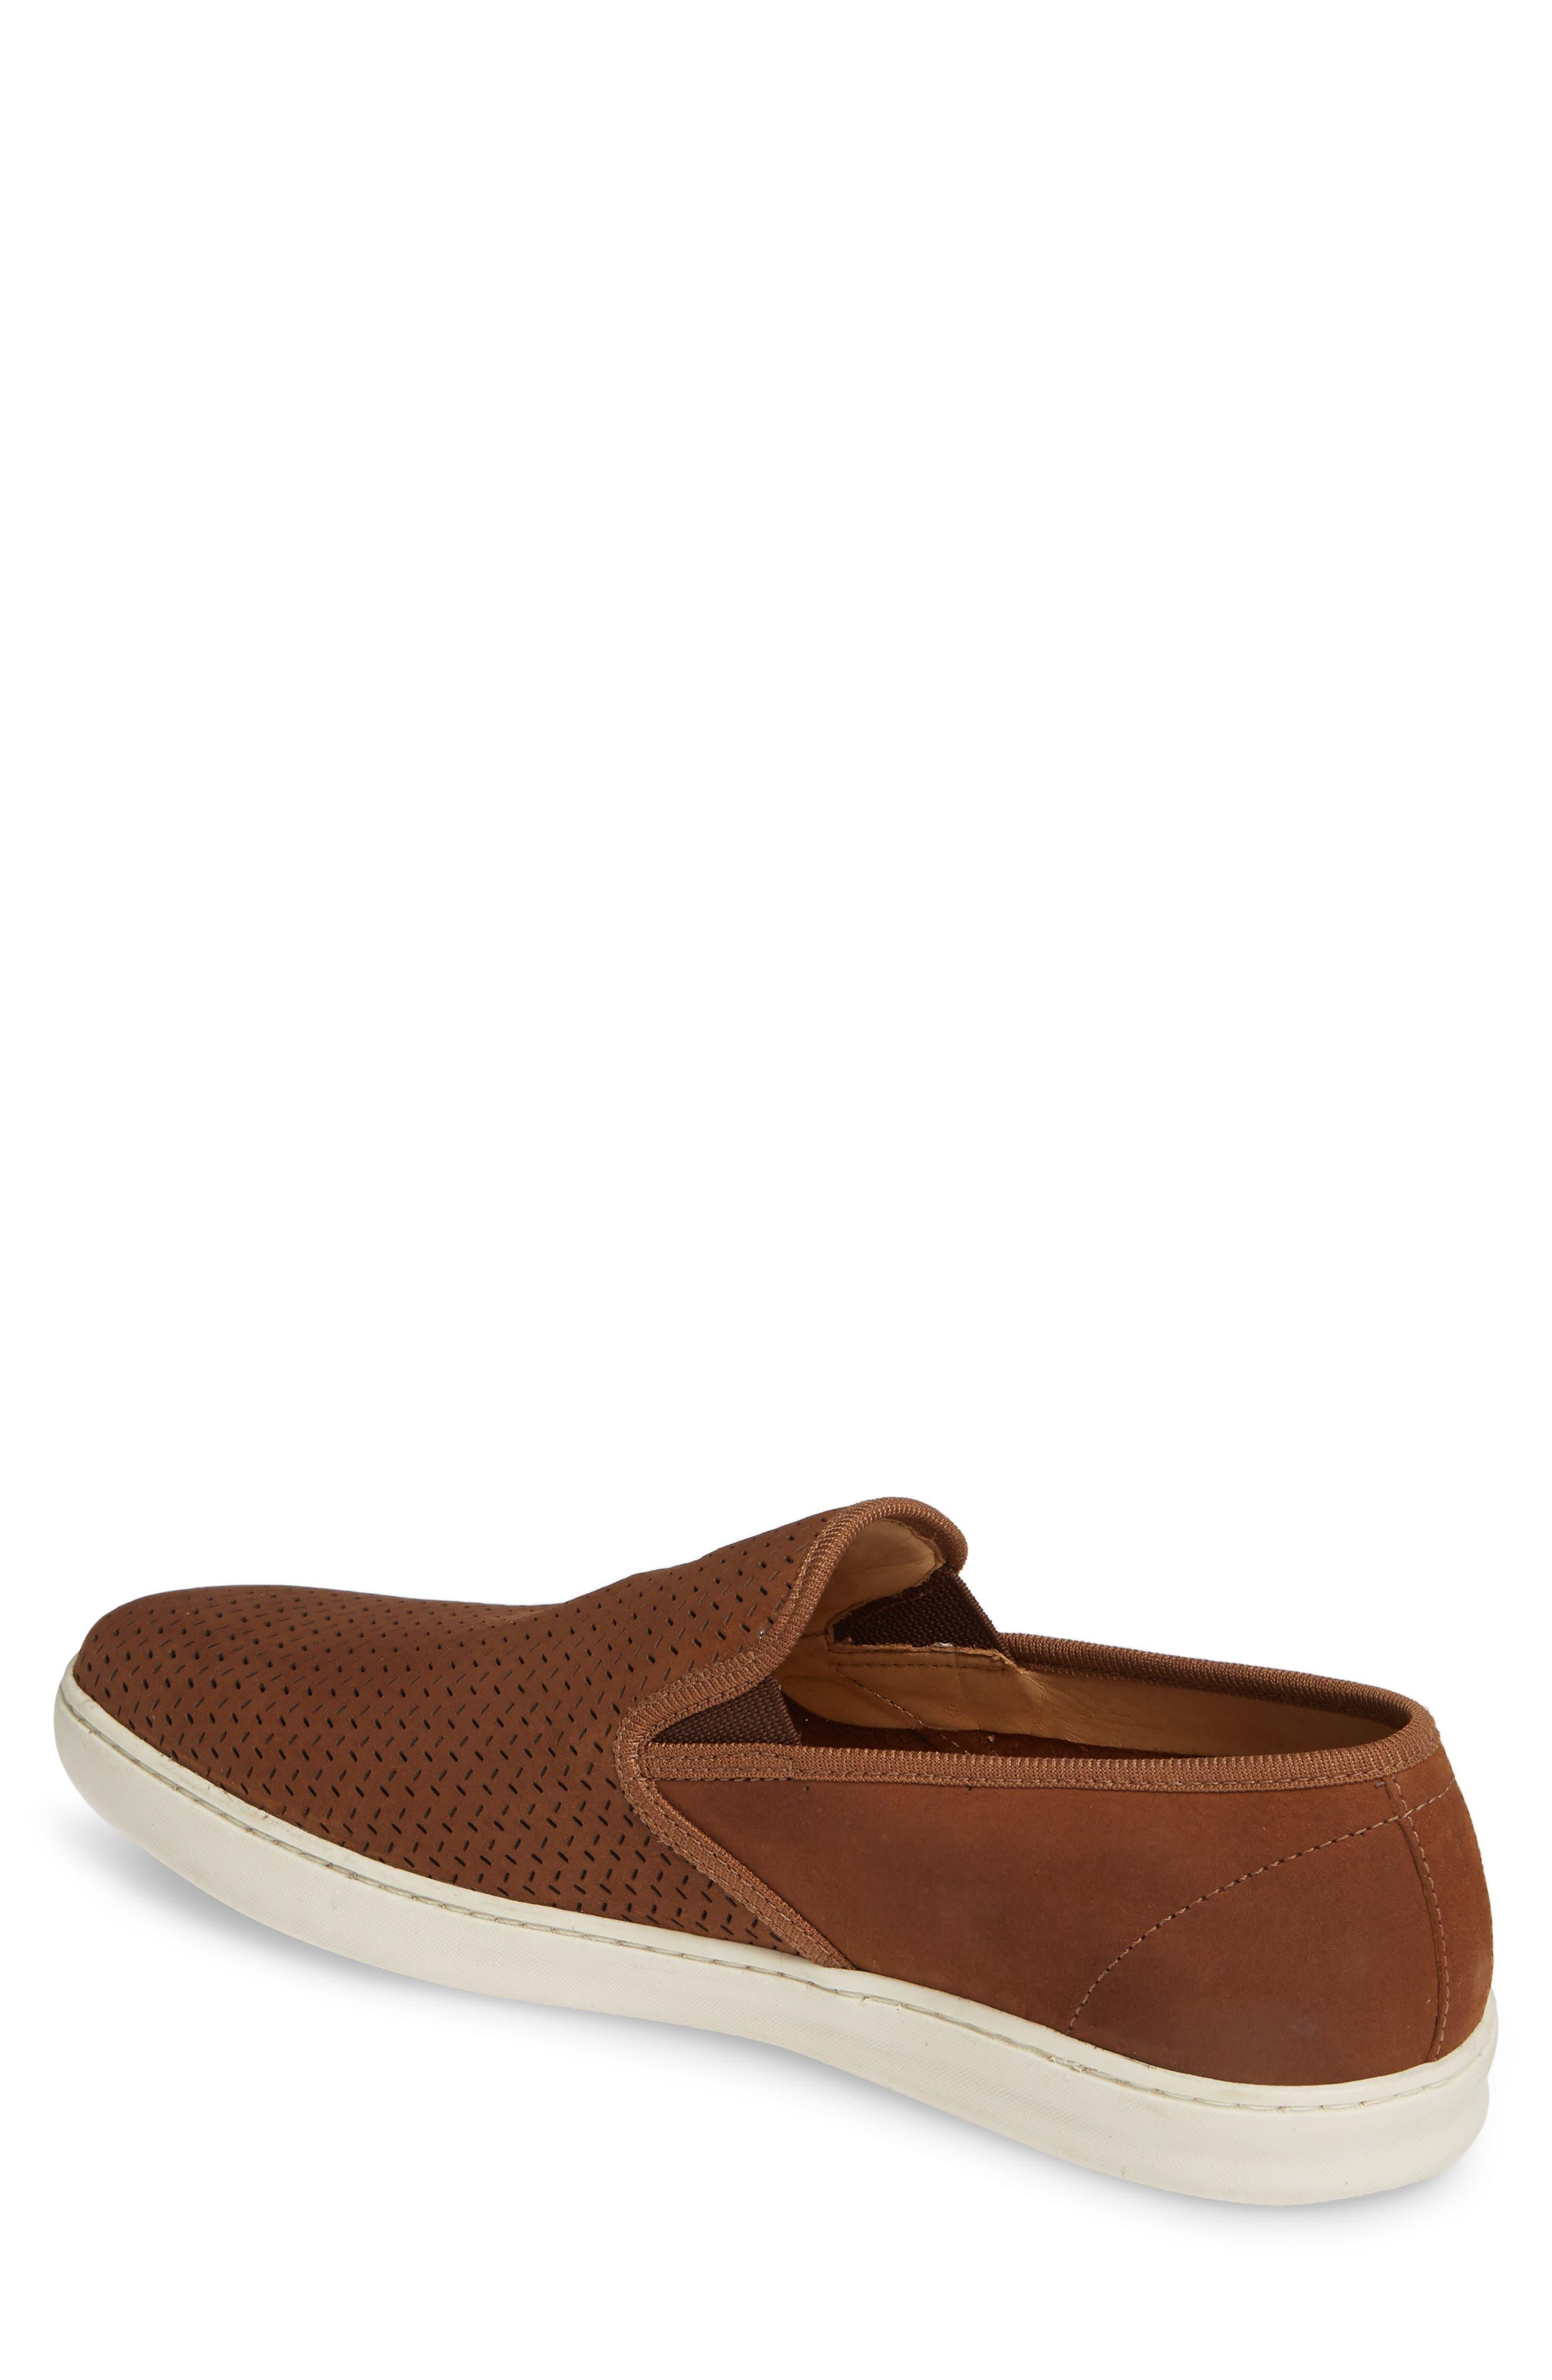 e20a7957e4d Men s 1901 Shoes